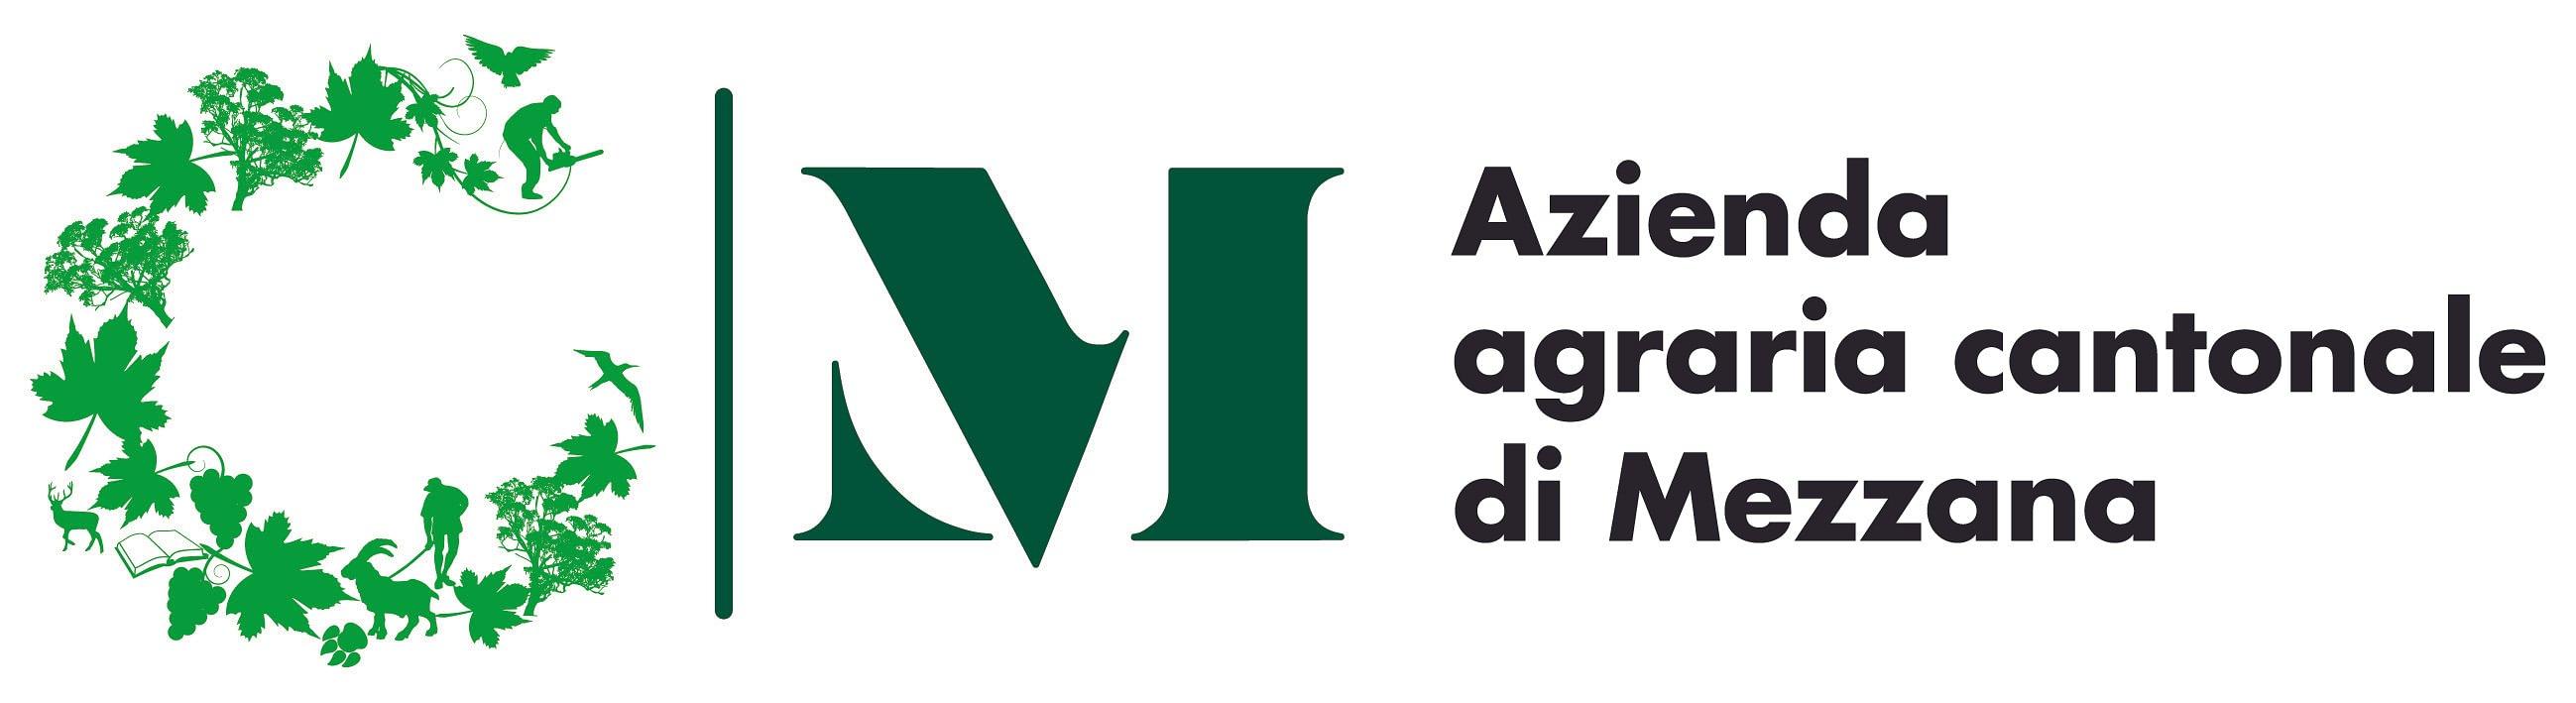 Azienda agraria cantonale di Mezzana